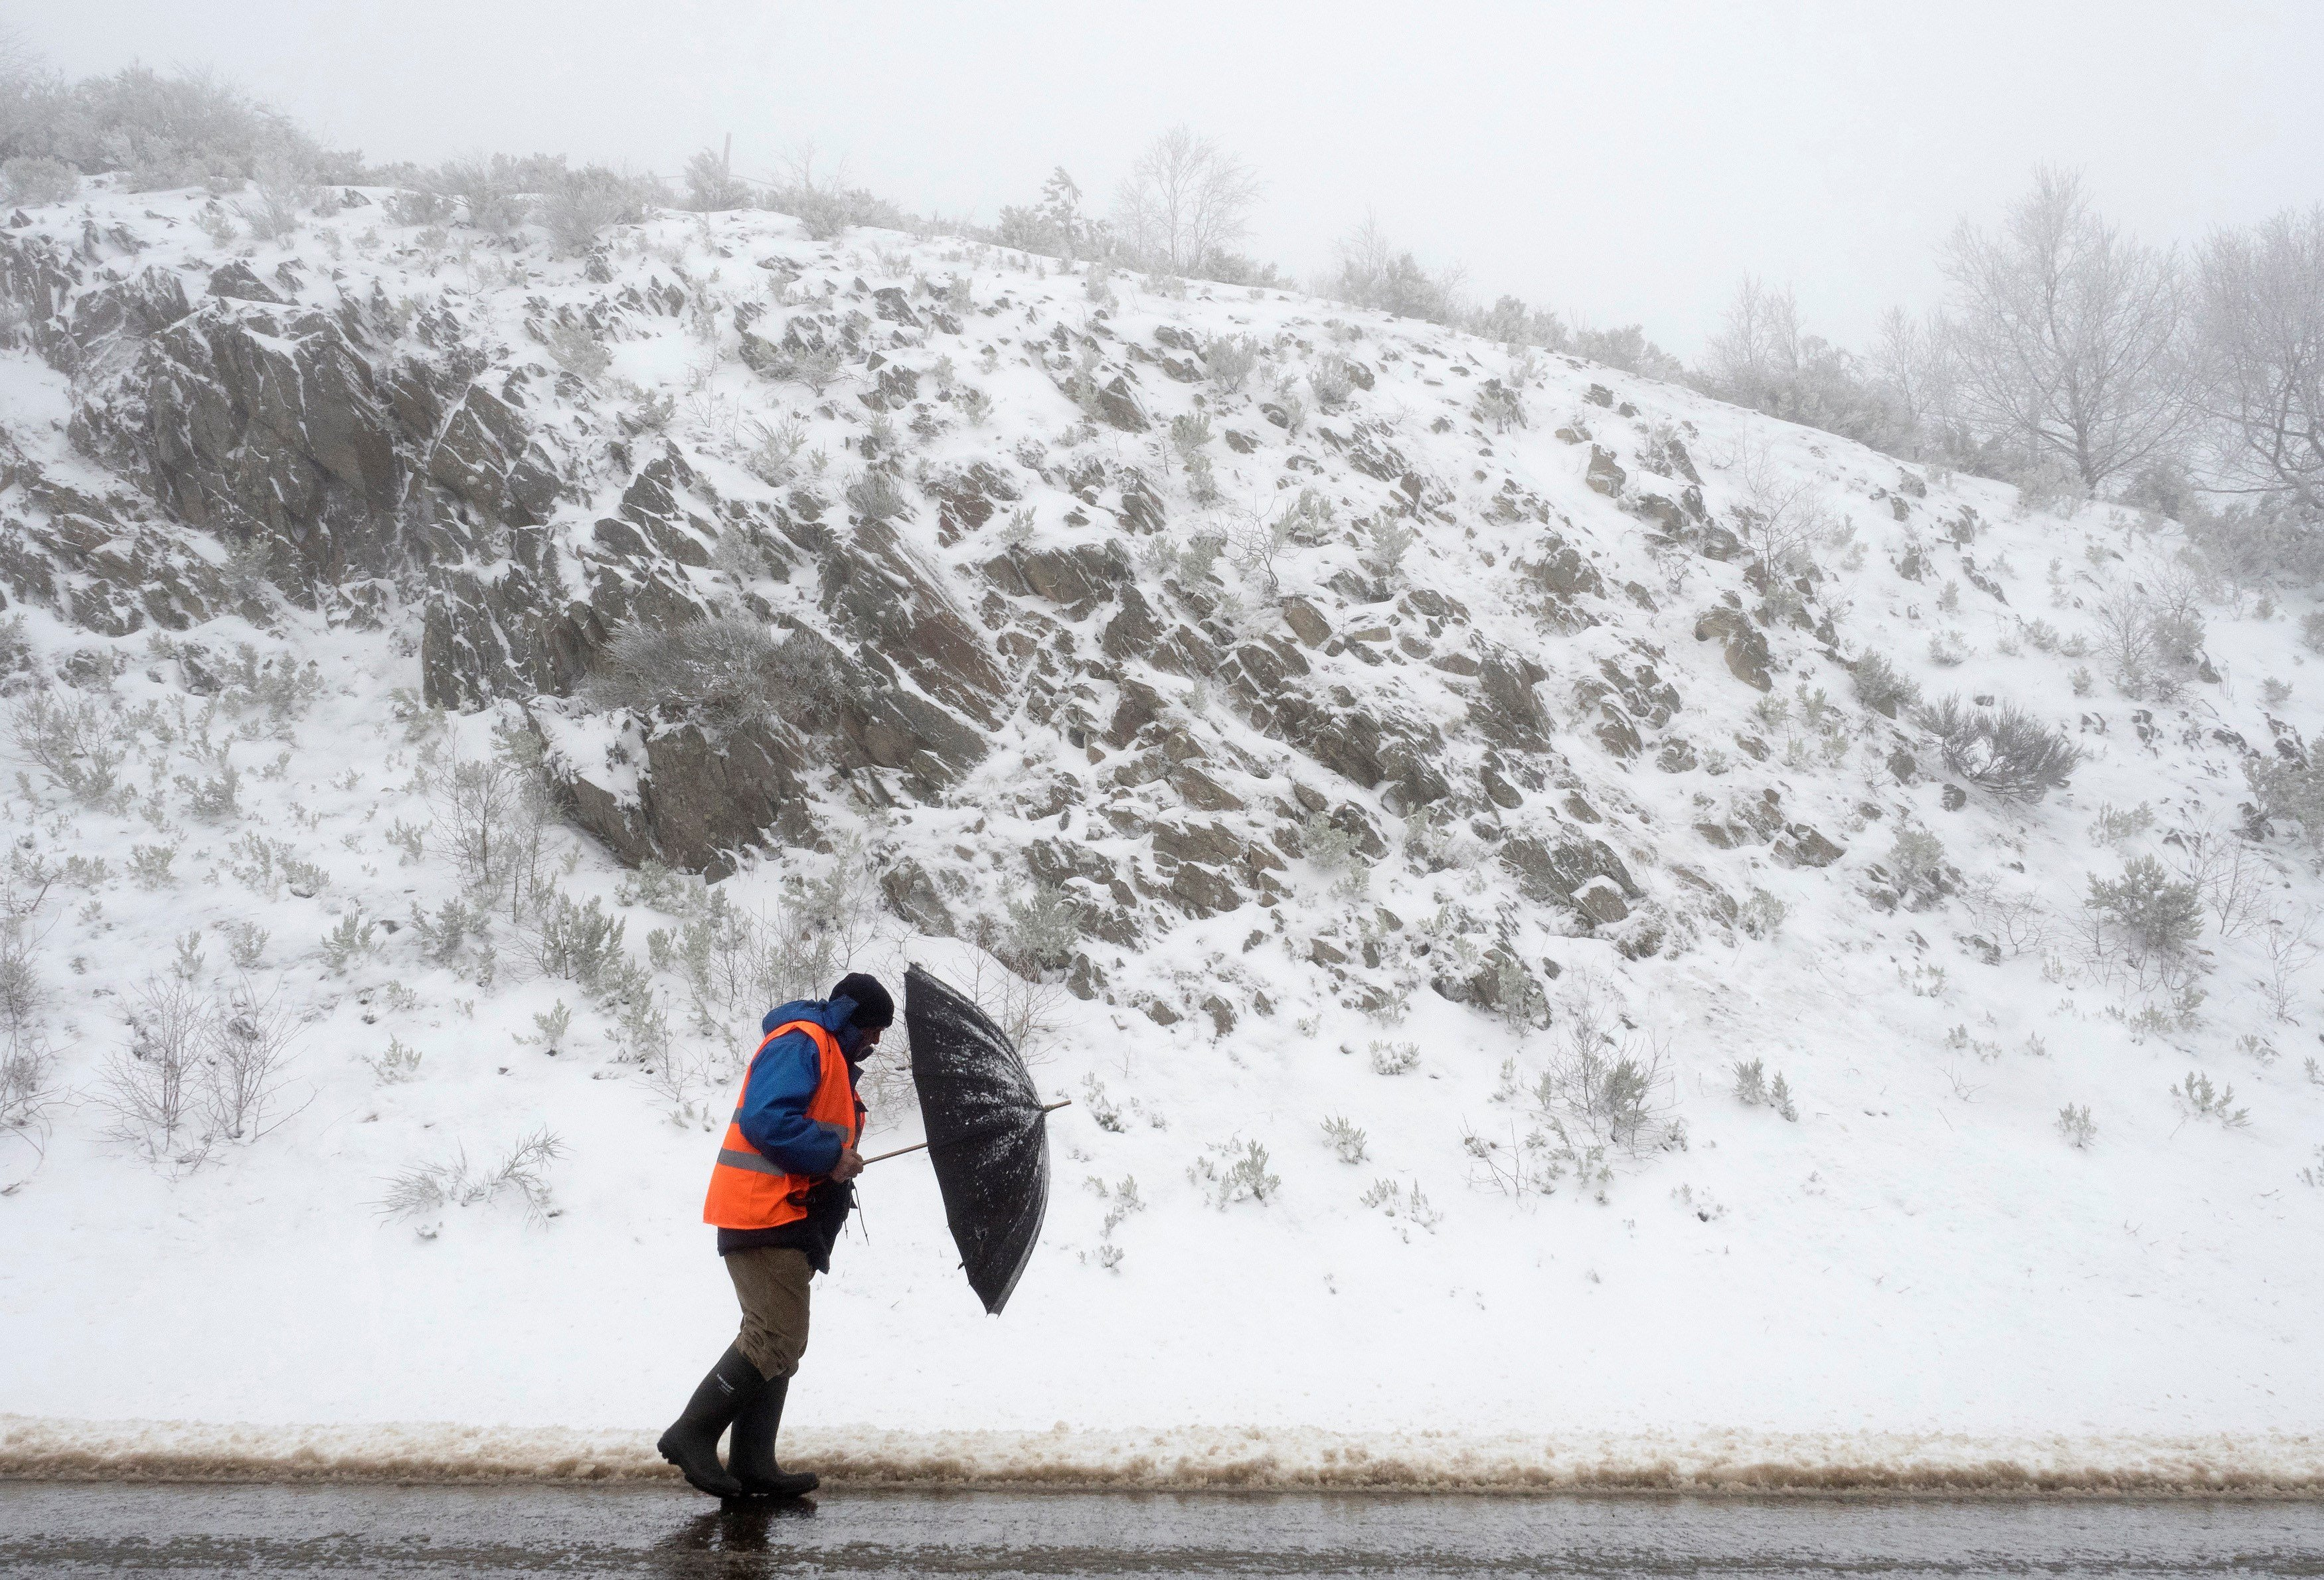 La neu obliga a tallar cinc carreteres a la província de Lugo. /ELISEO TRIGO